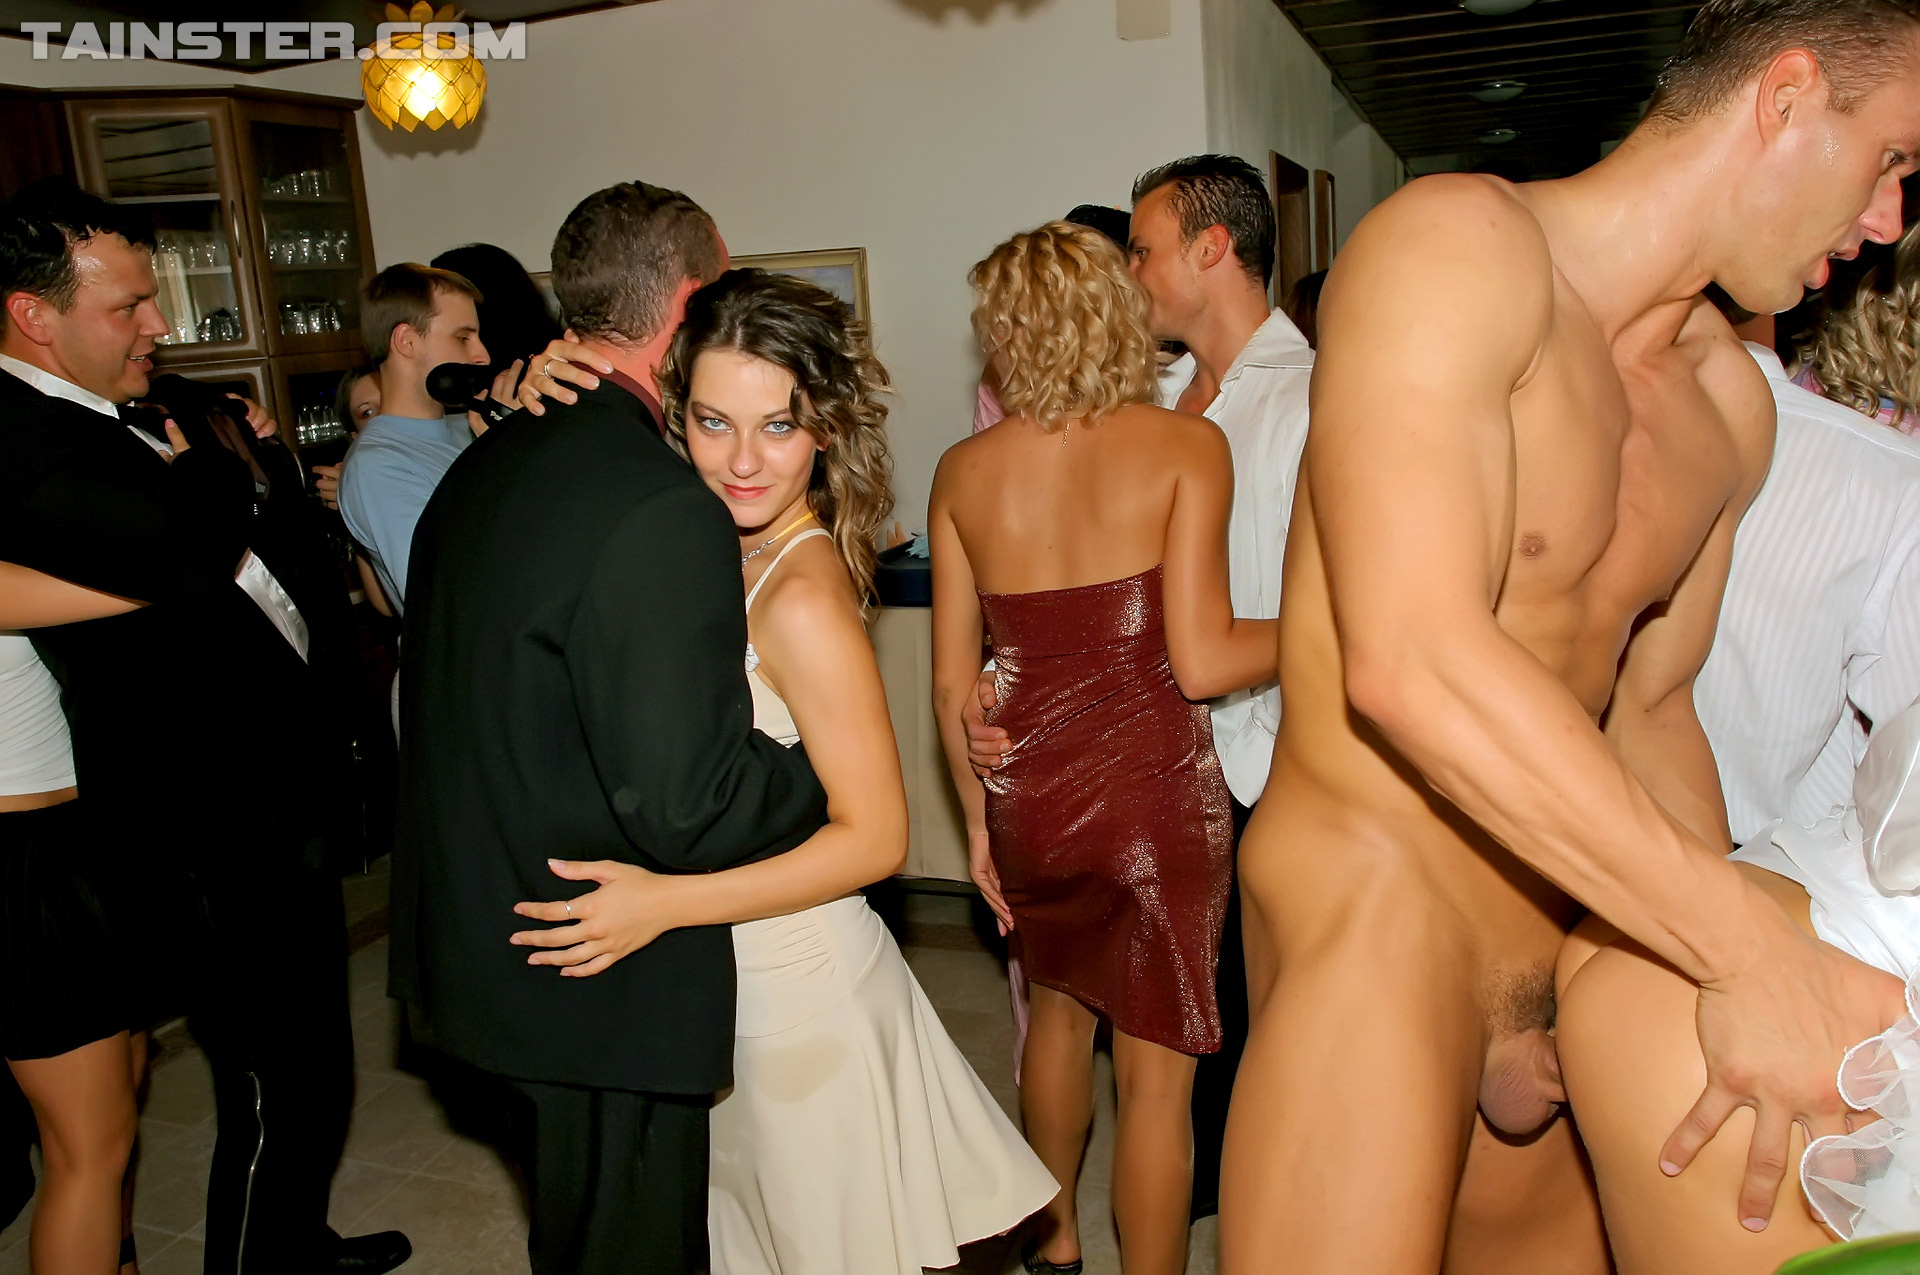 stephanie szostak nude photo